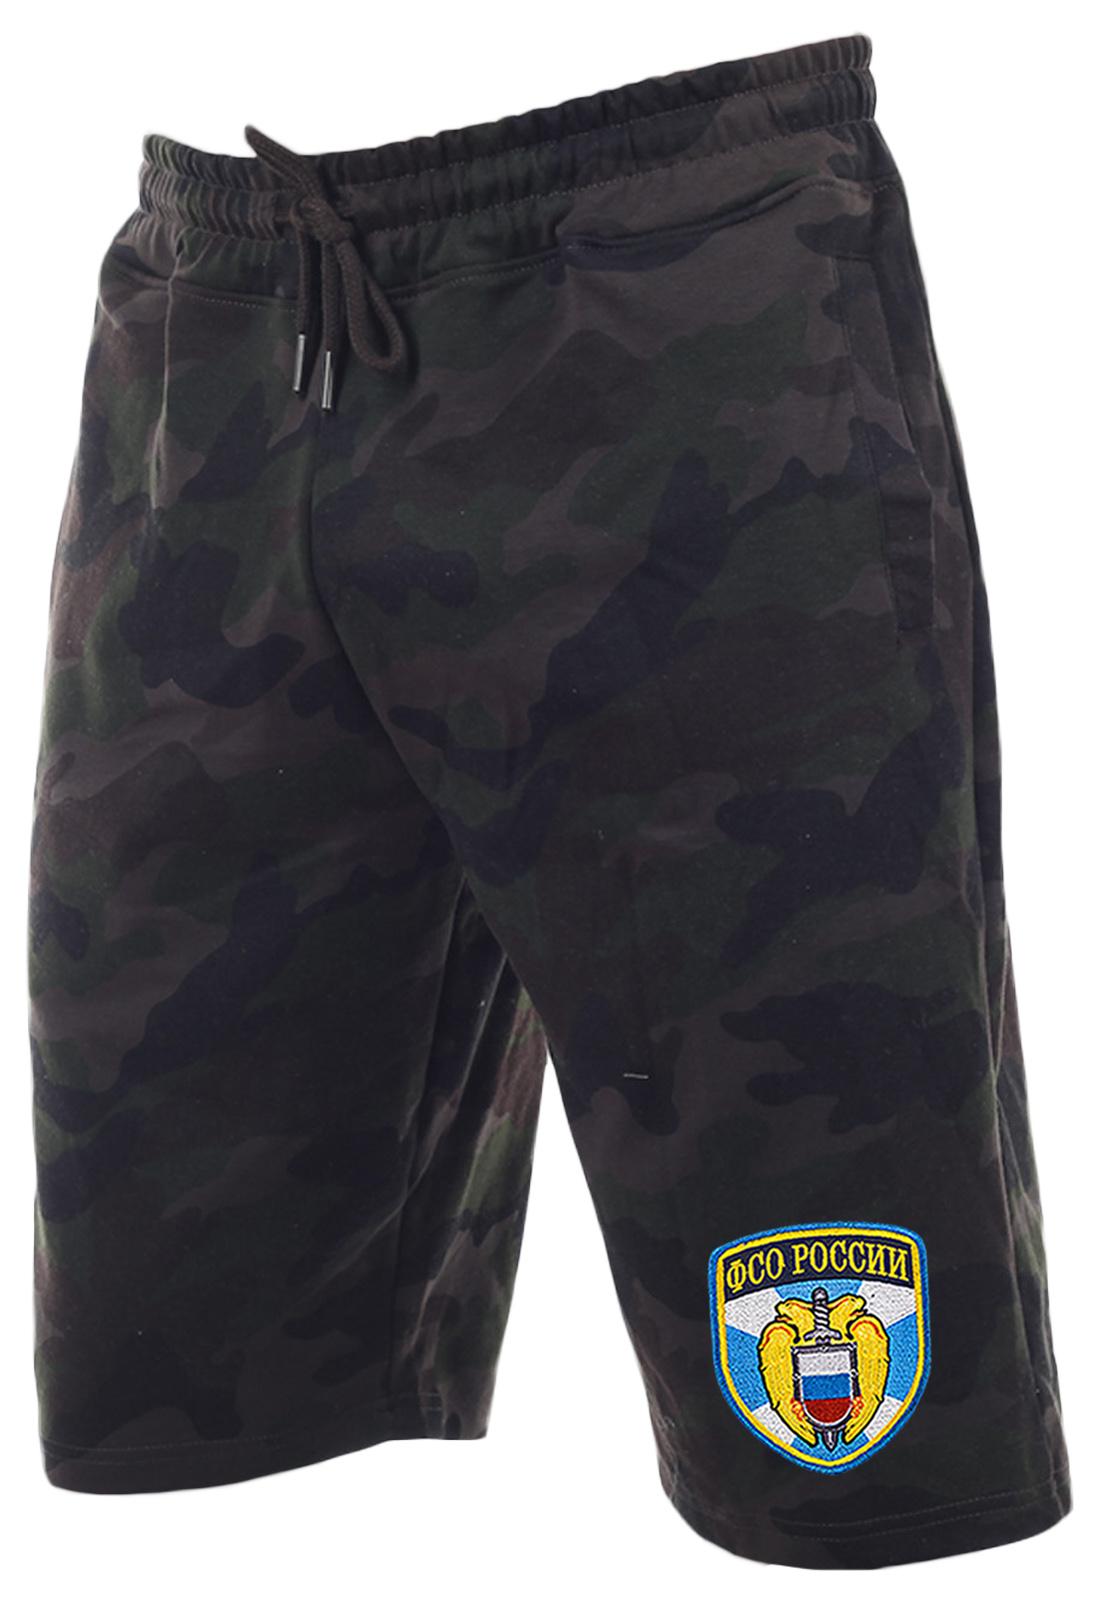 Надежные камуфляжные шорты с нашивкой ФСО